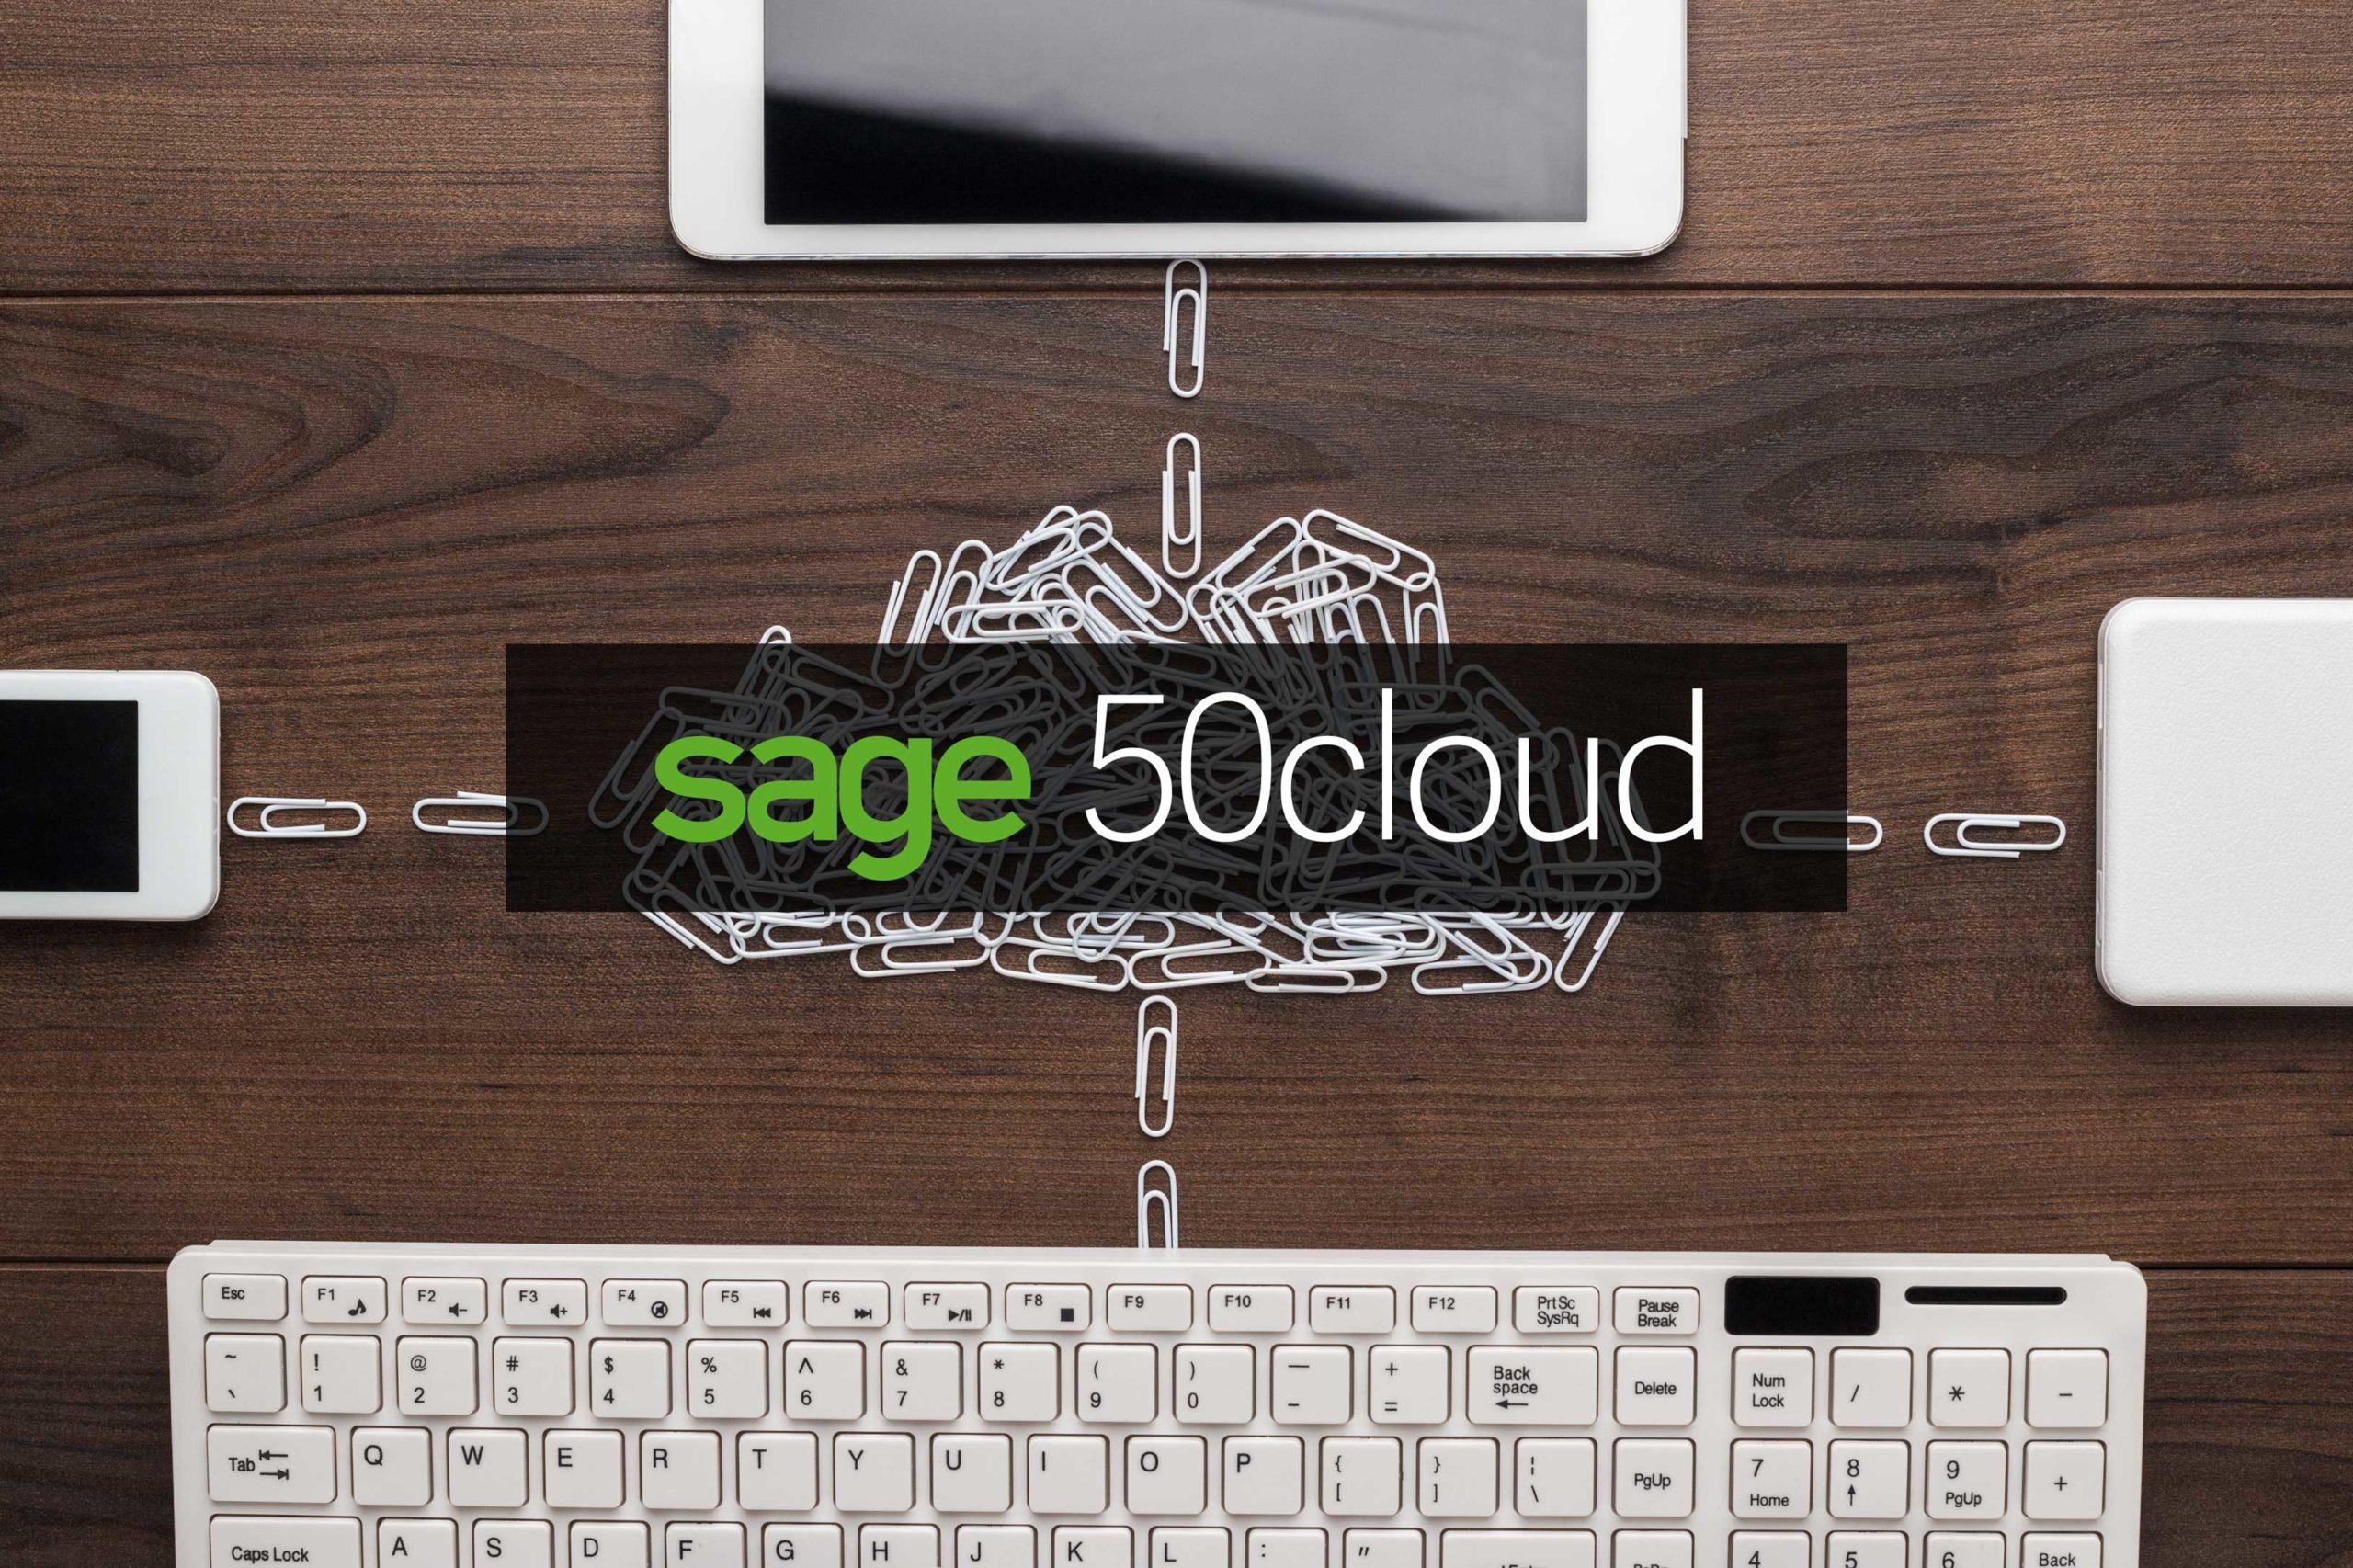 oferta de cursos enero 2021 - sage cloud scaled - OFERTA FORMATIVA DE ENERO